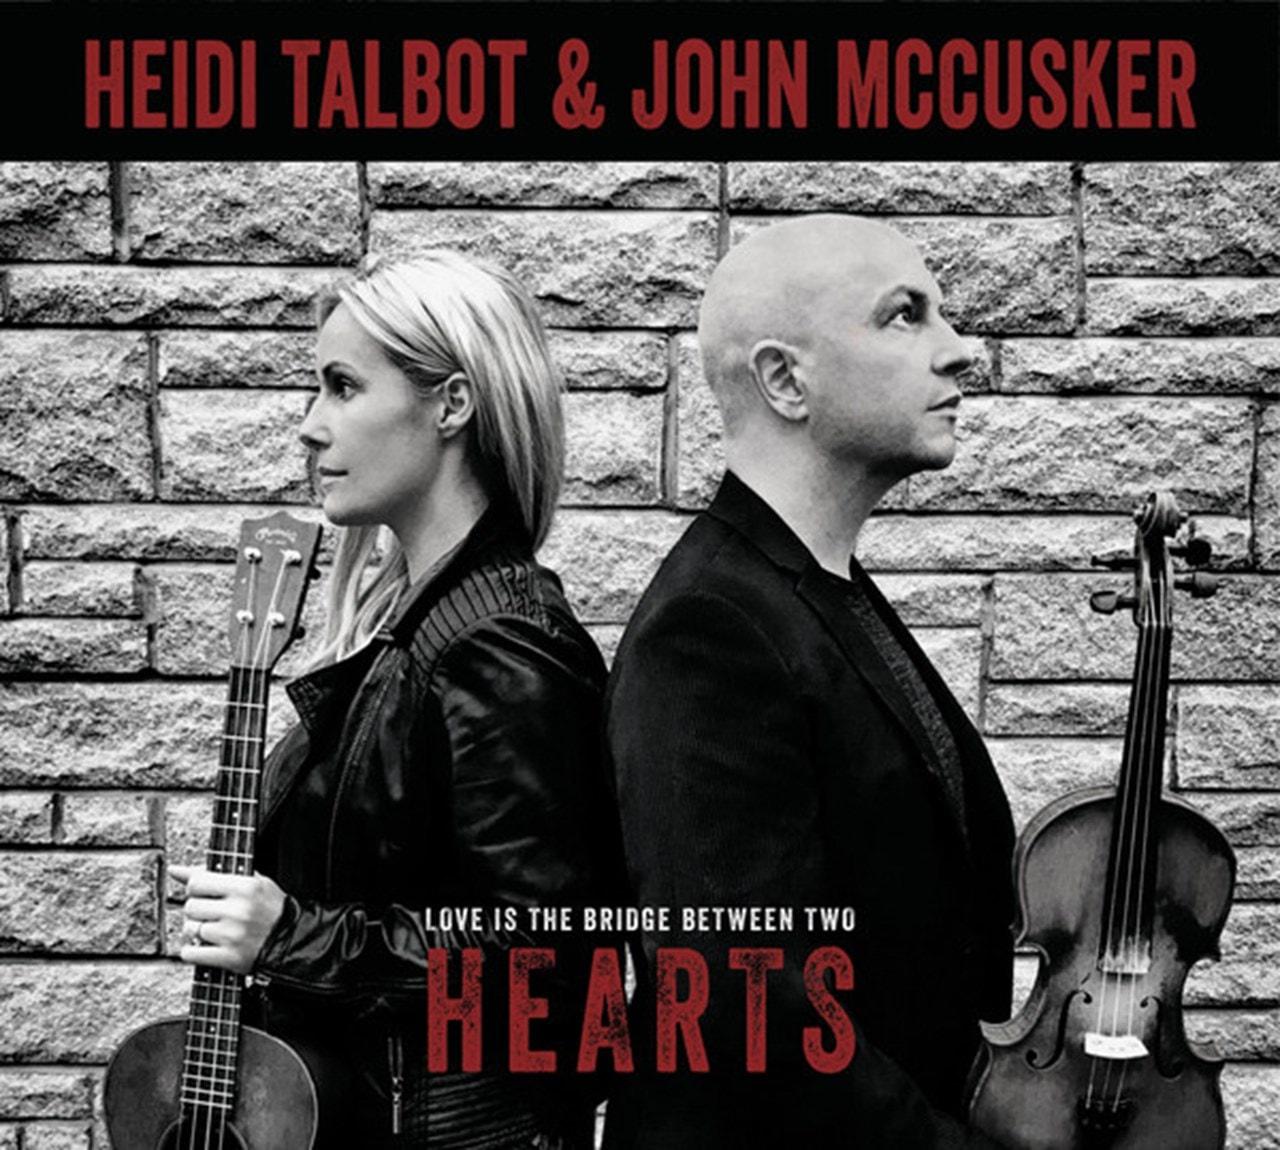 Love Is the Bridge Between Two Hearts - 1